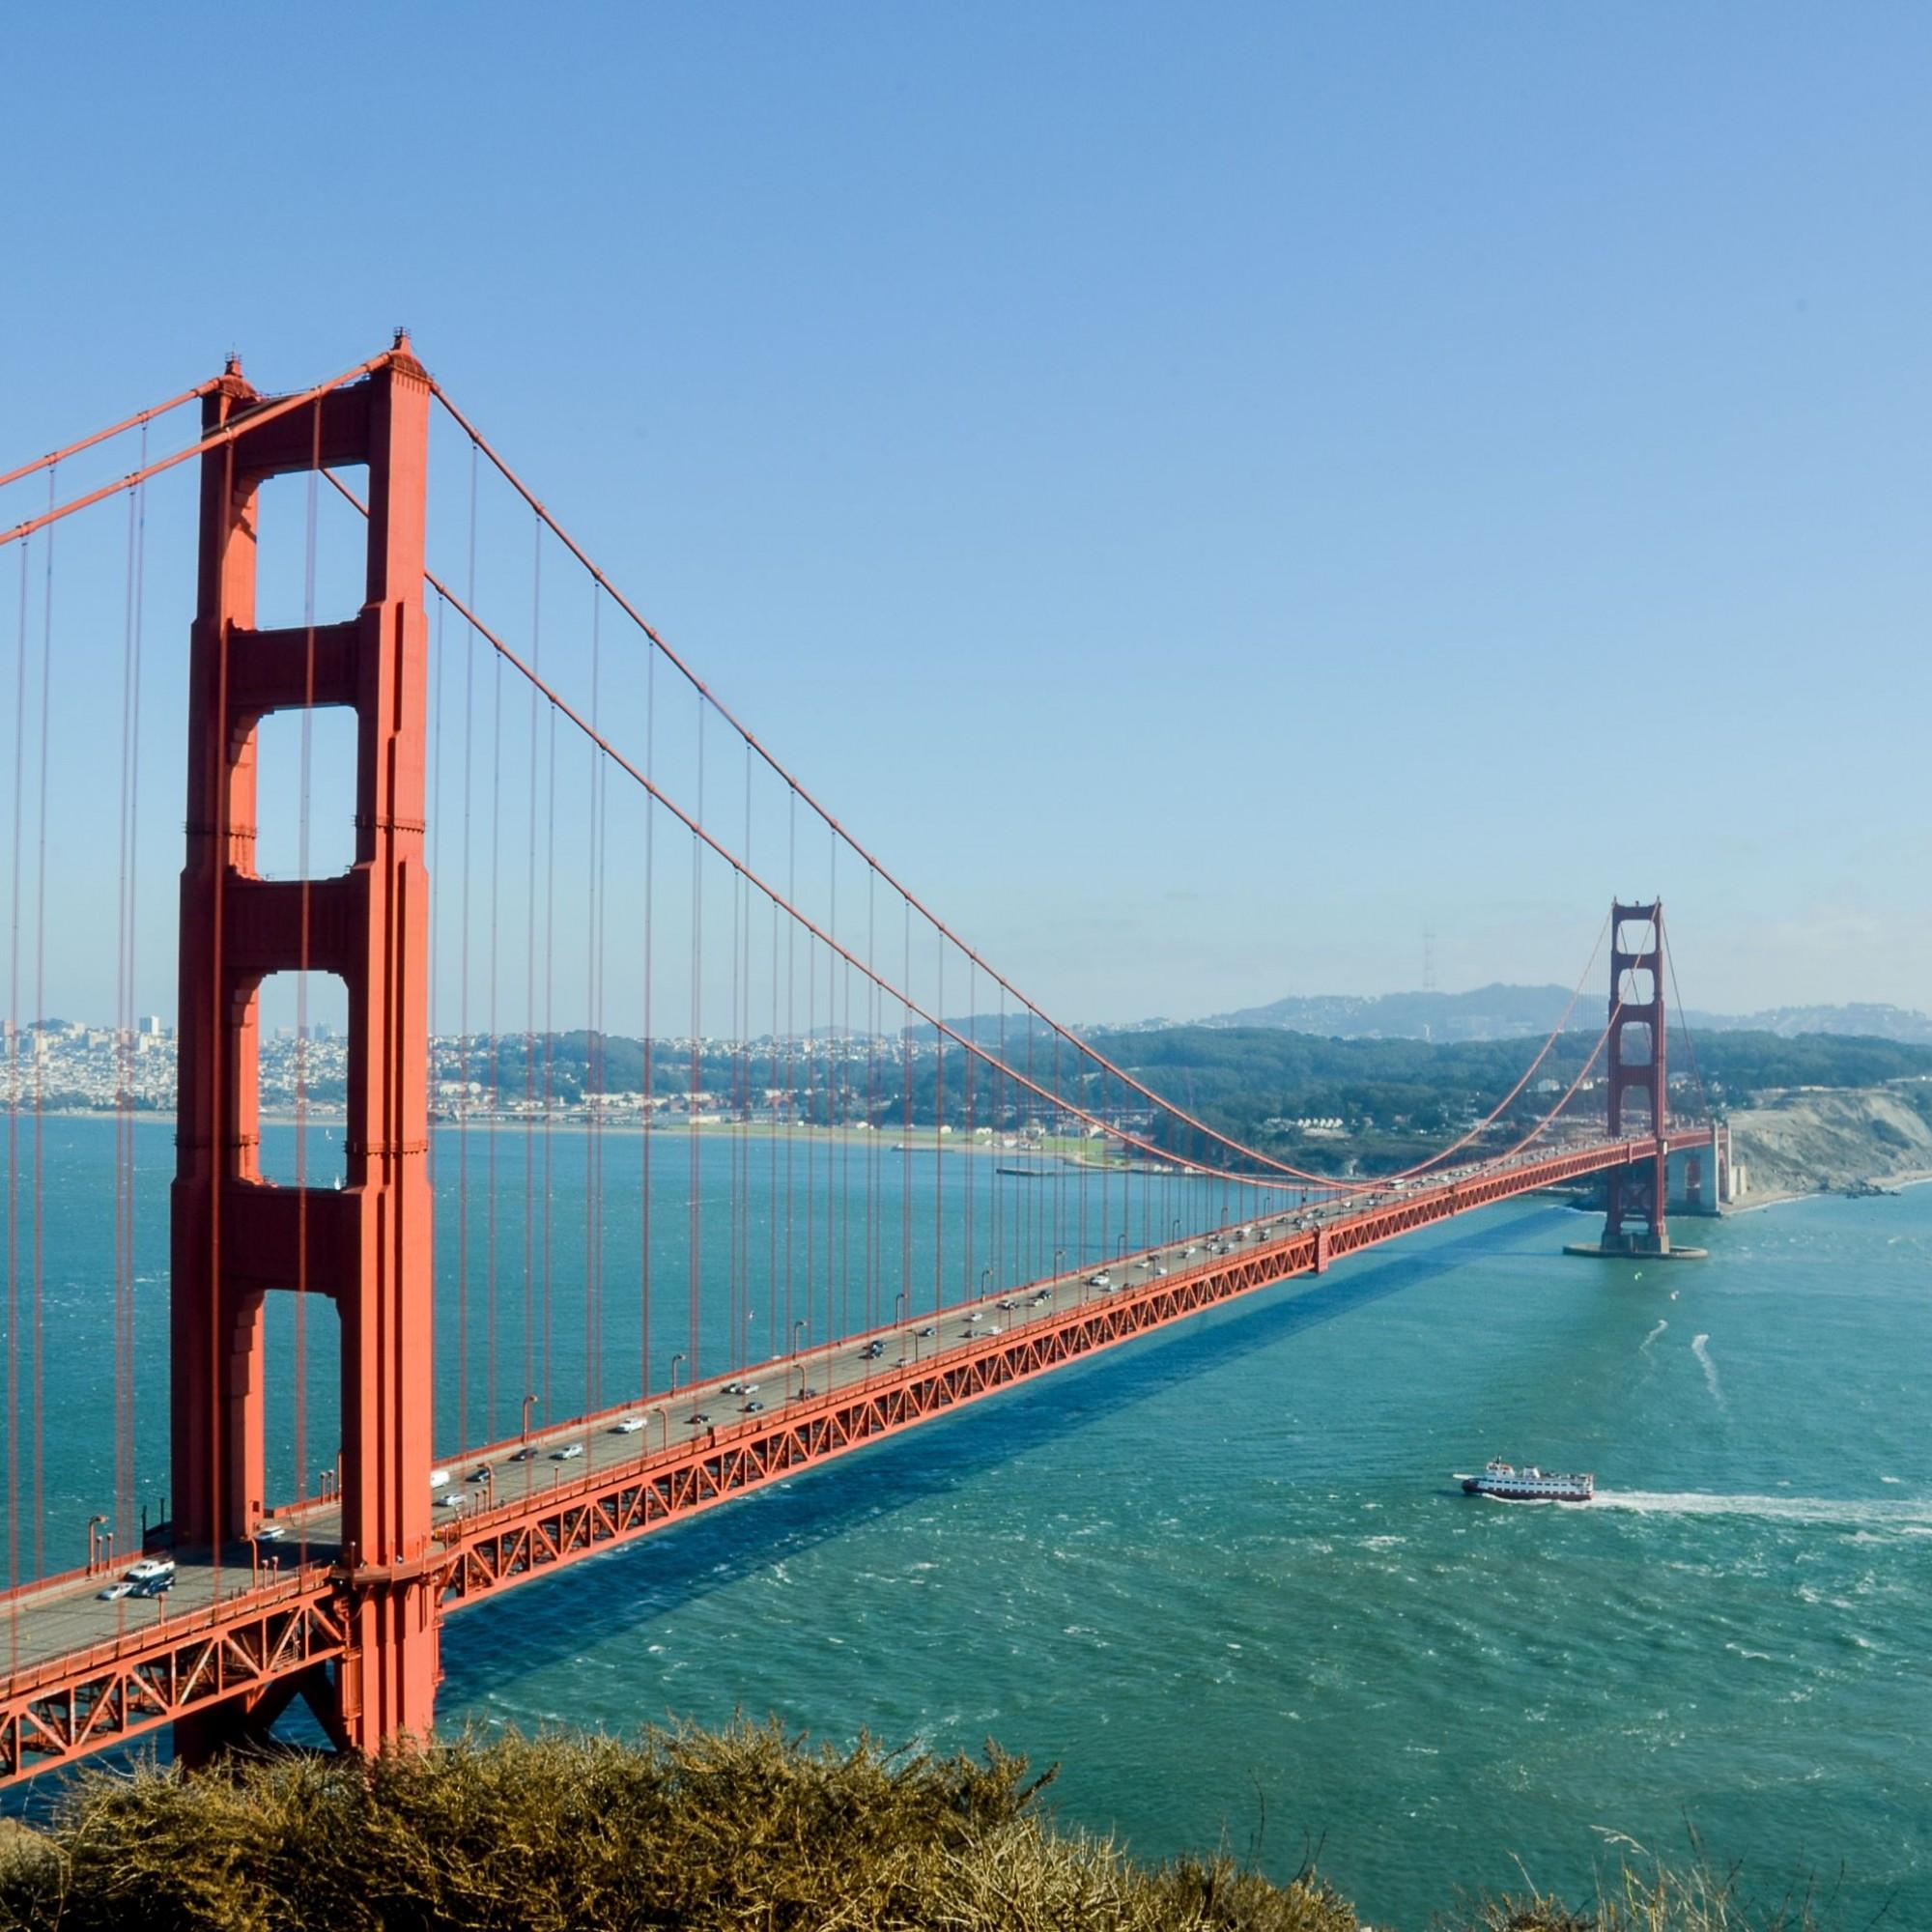 Eröffnet wurde die Brücke um 1937. Sie besitzt sechs Fahrspuren und zwei Geh- und Radwege und verbindet San Francisco mit dem Marin County und dem Napa- und Sonoma-Valley.